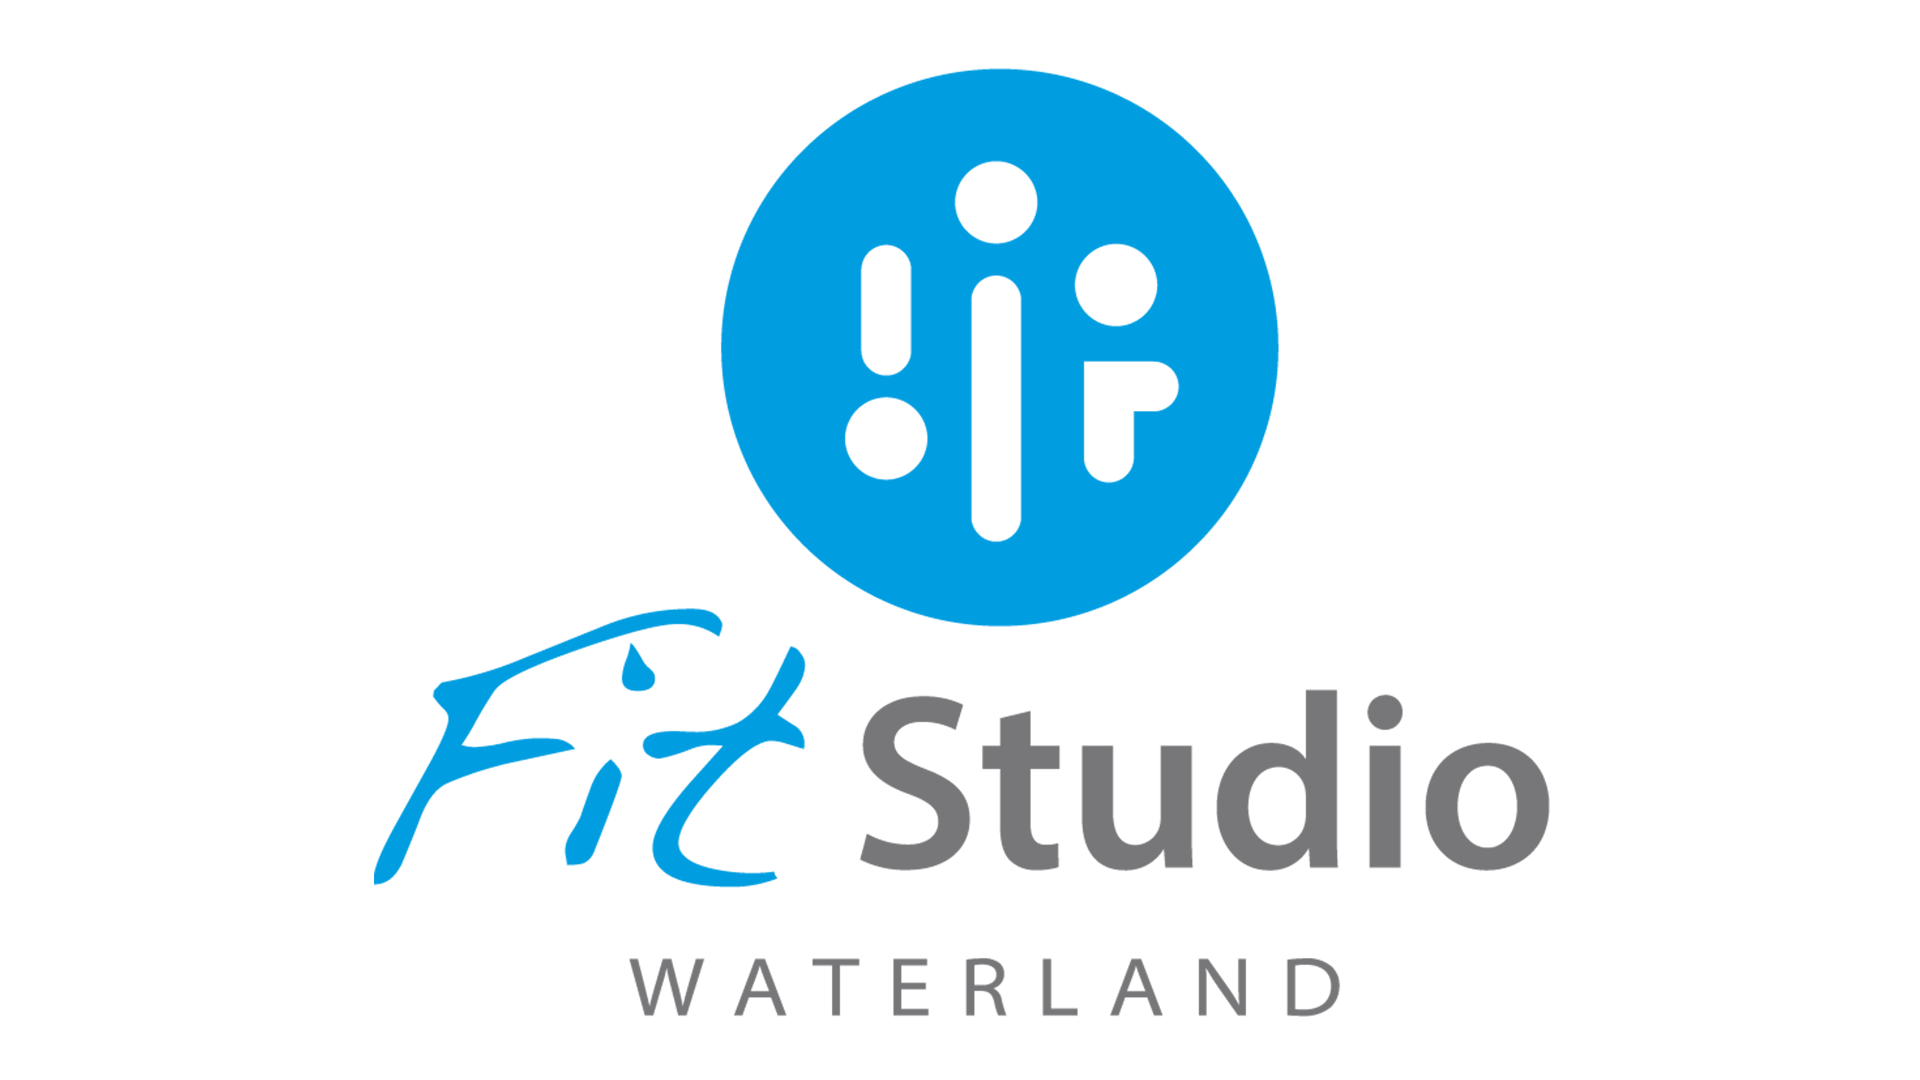 FITSTUDIO WATERLAND.png